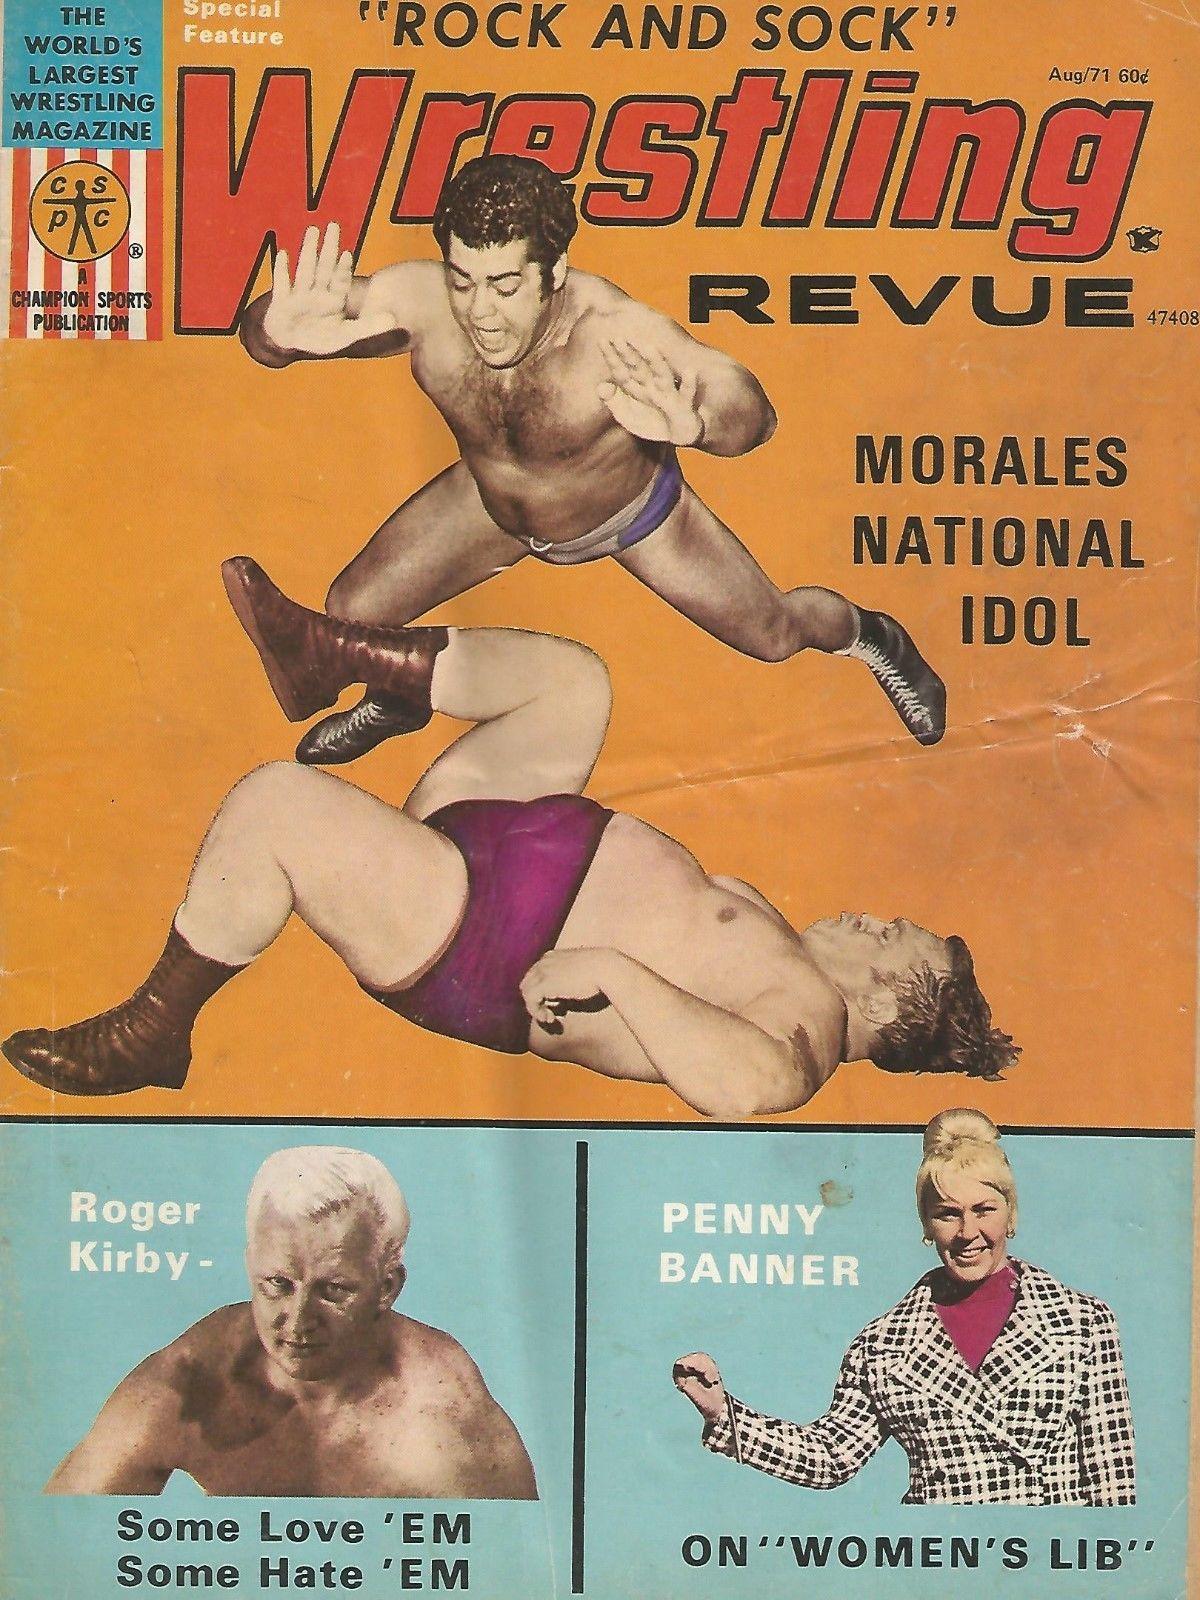 Wrestling Revue - August 1971